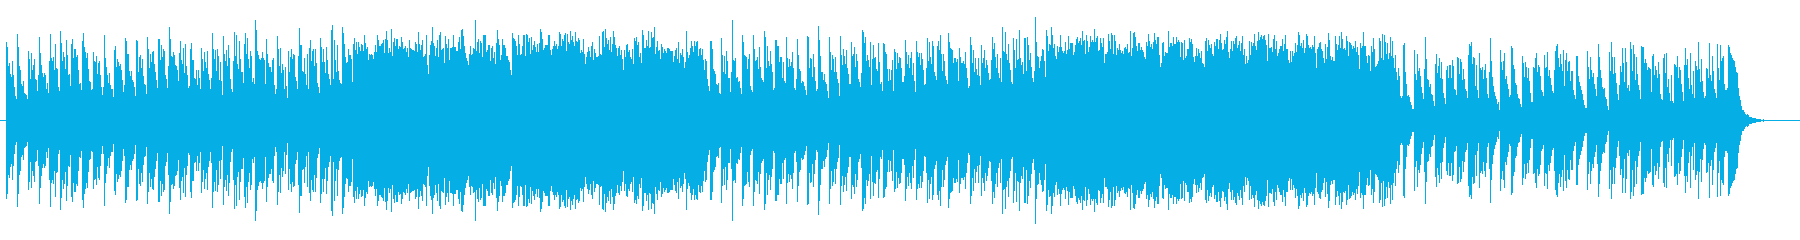 和やかで平和的なミュージックの再生済みの波形